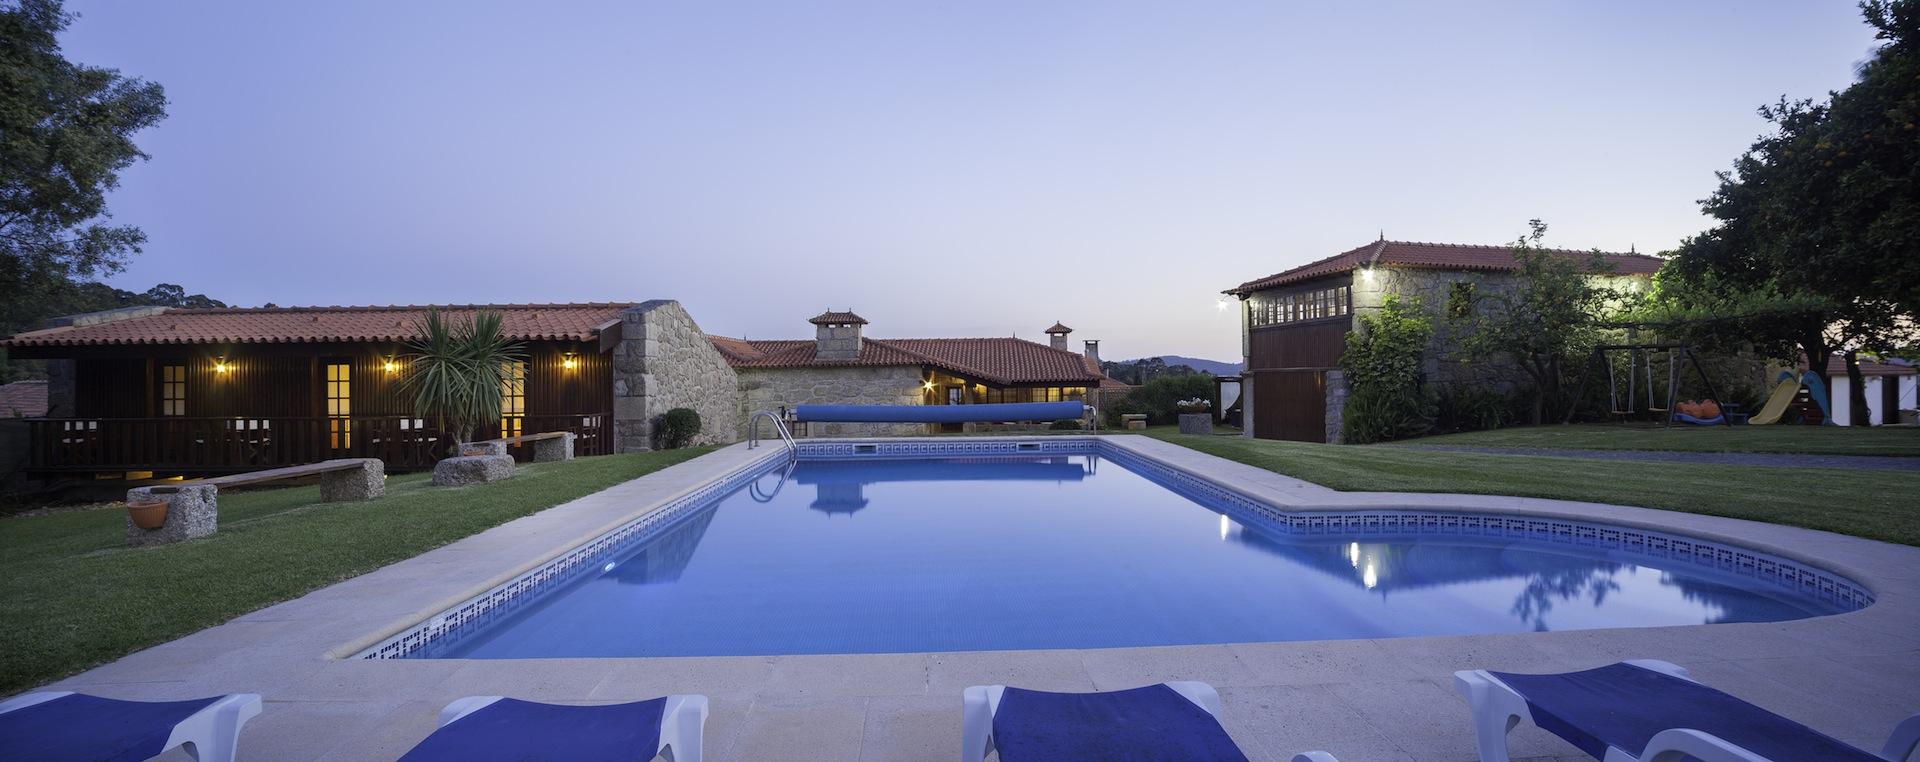 Panorama_piscina2.jpg